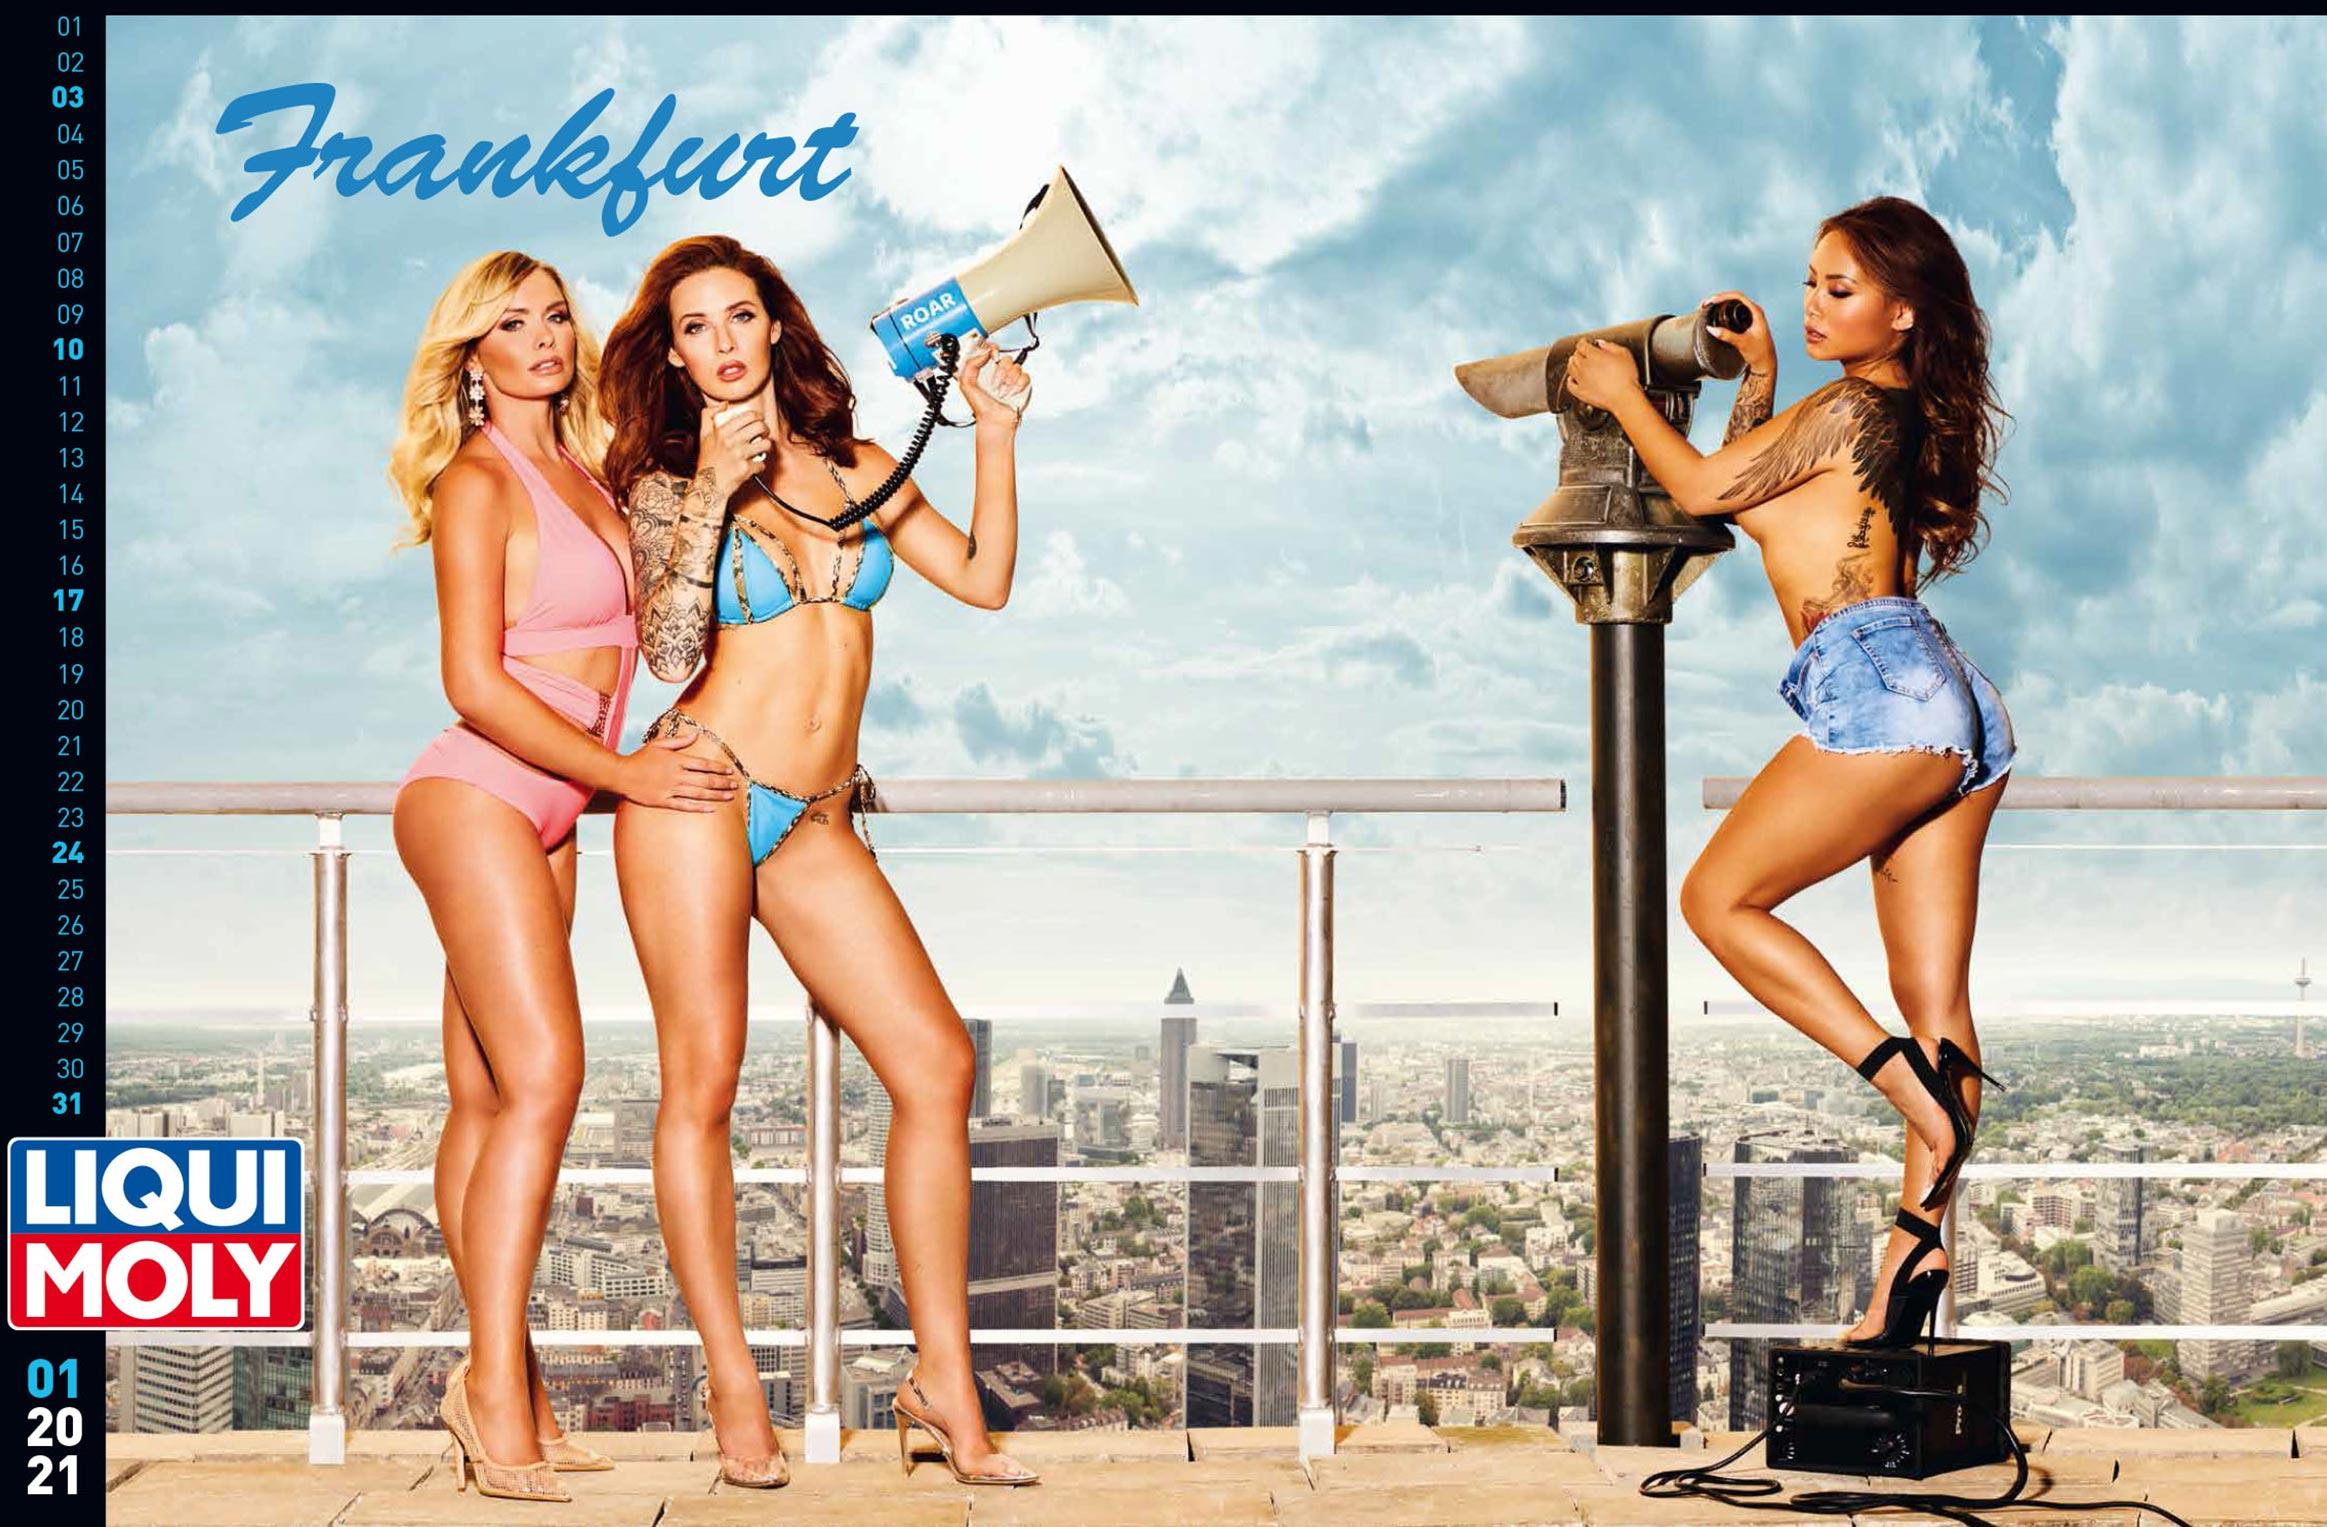 Фирменный календарь с девушками автоконцерна Liqui Moly на 2021 год / январь 2021